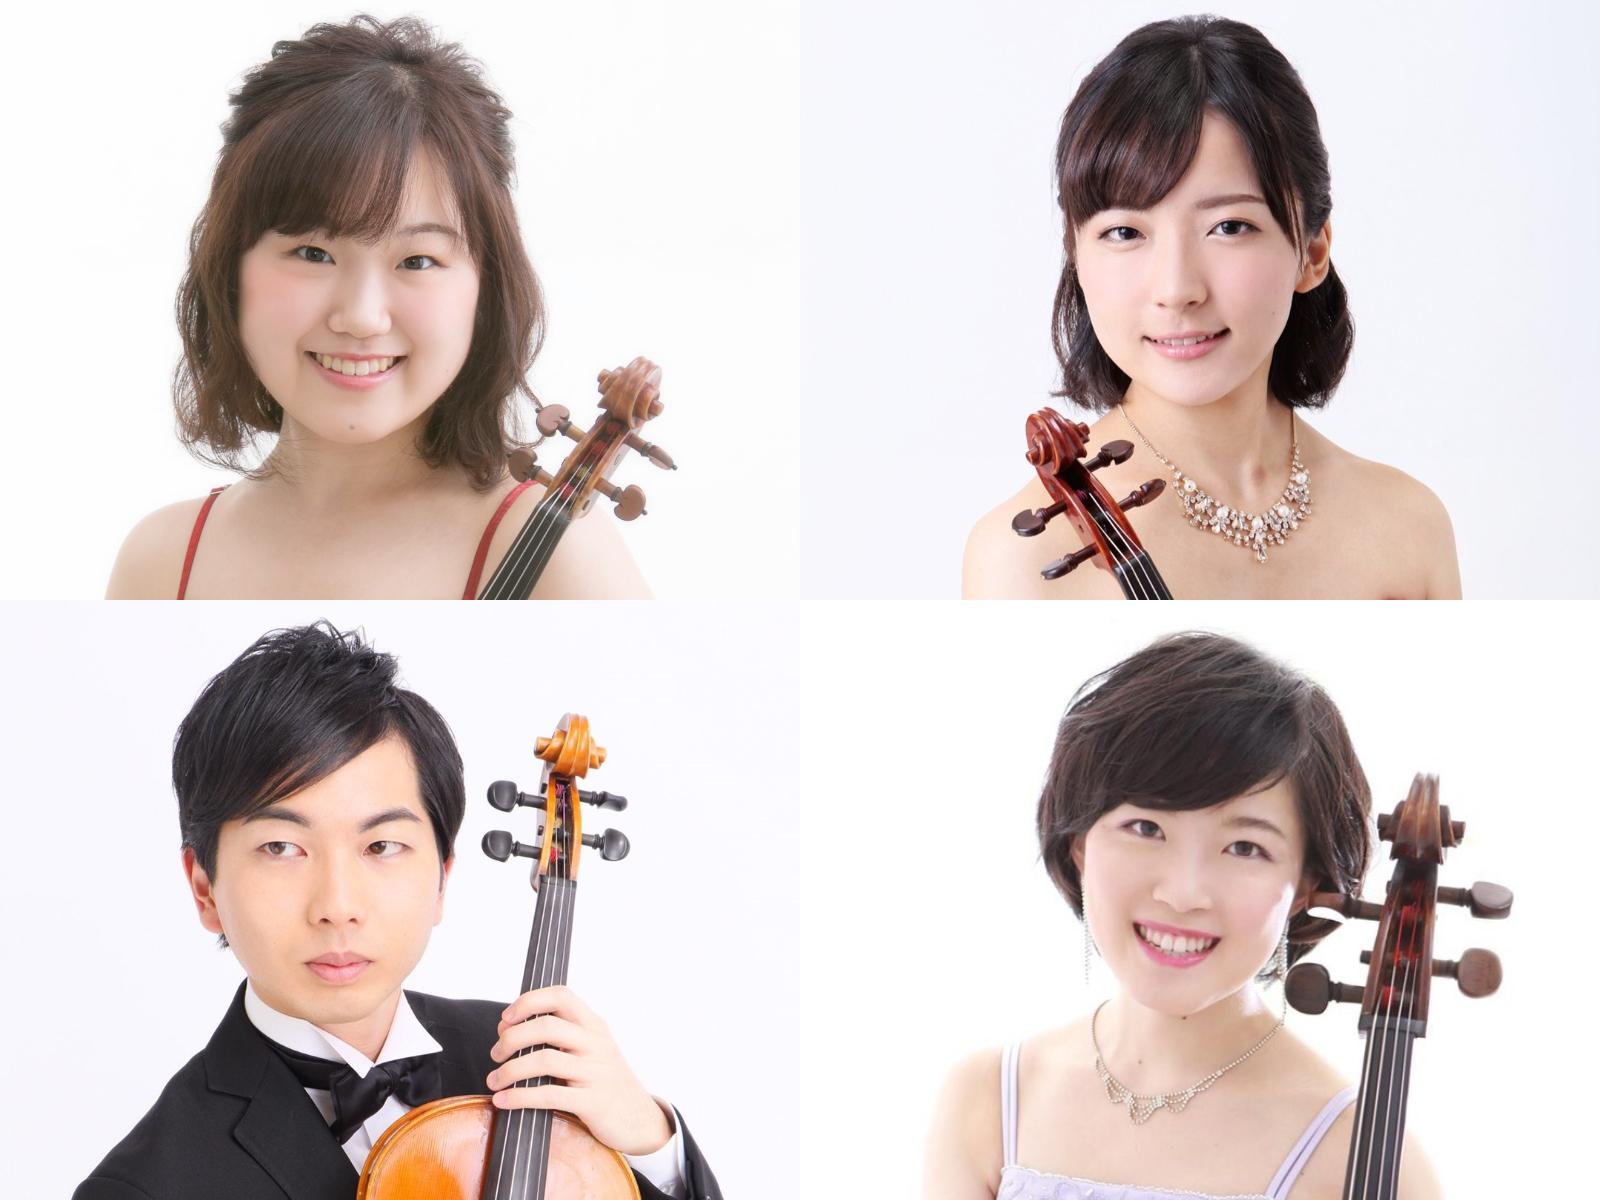 Le Bois Quartet